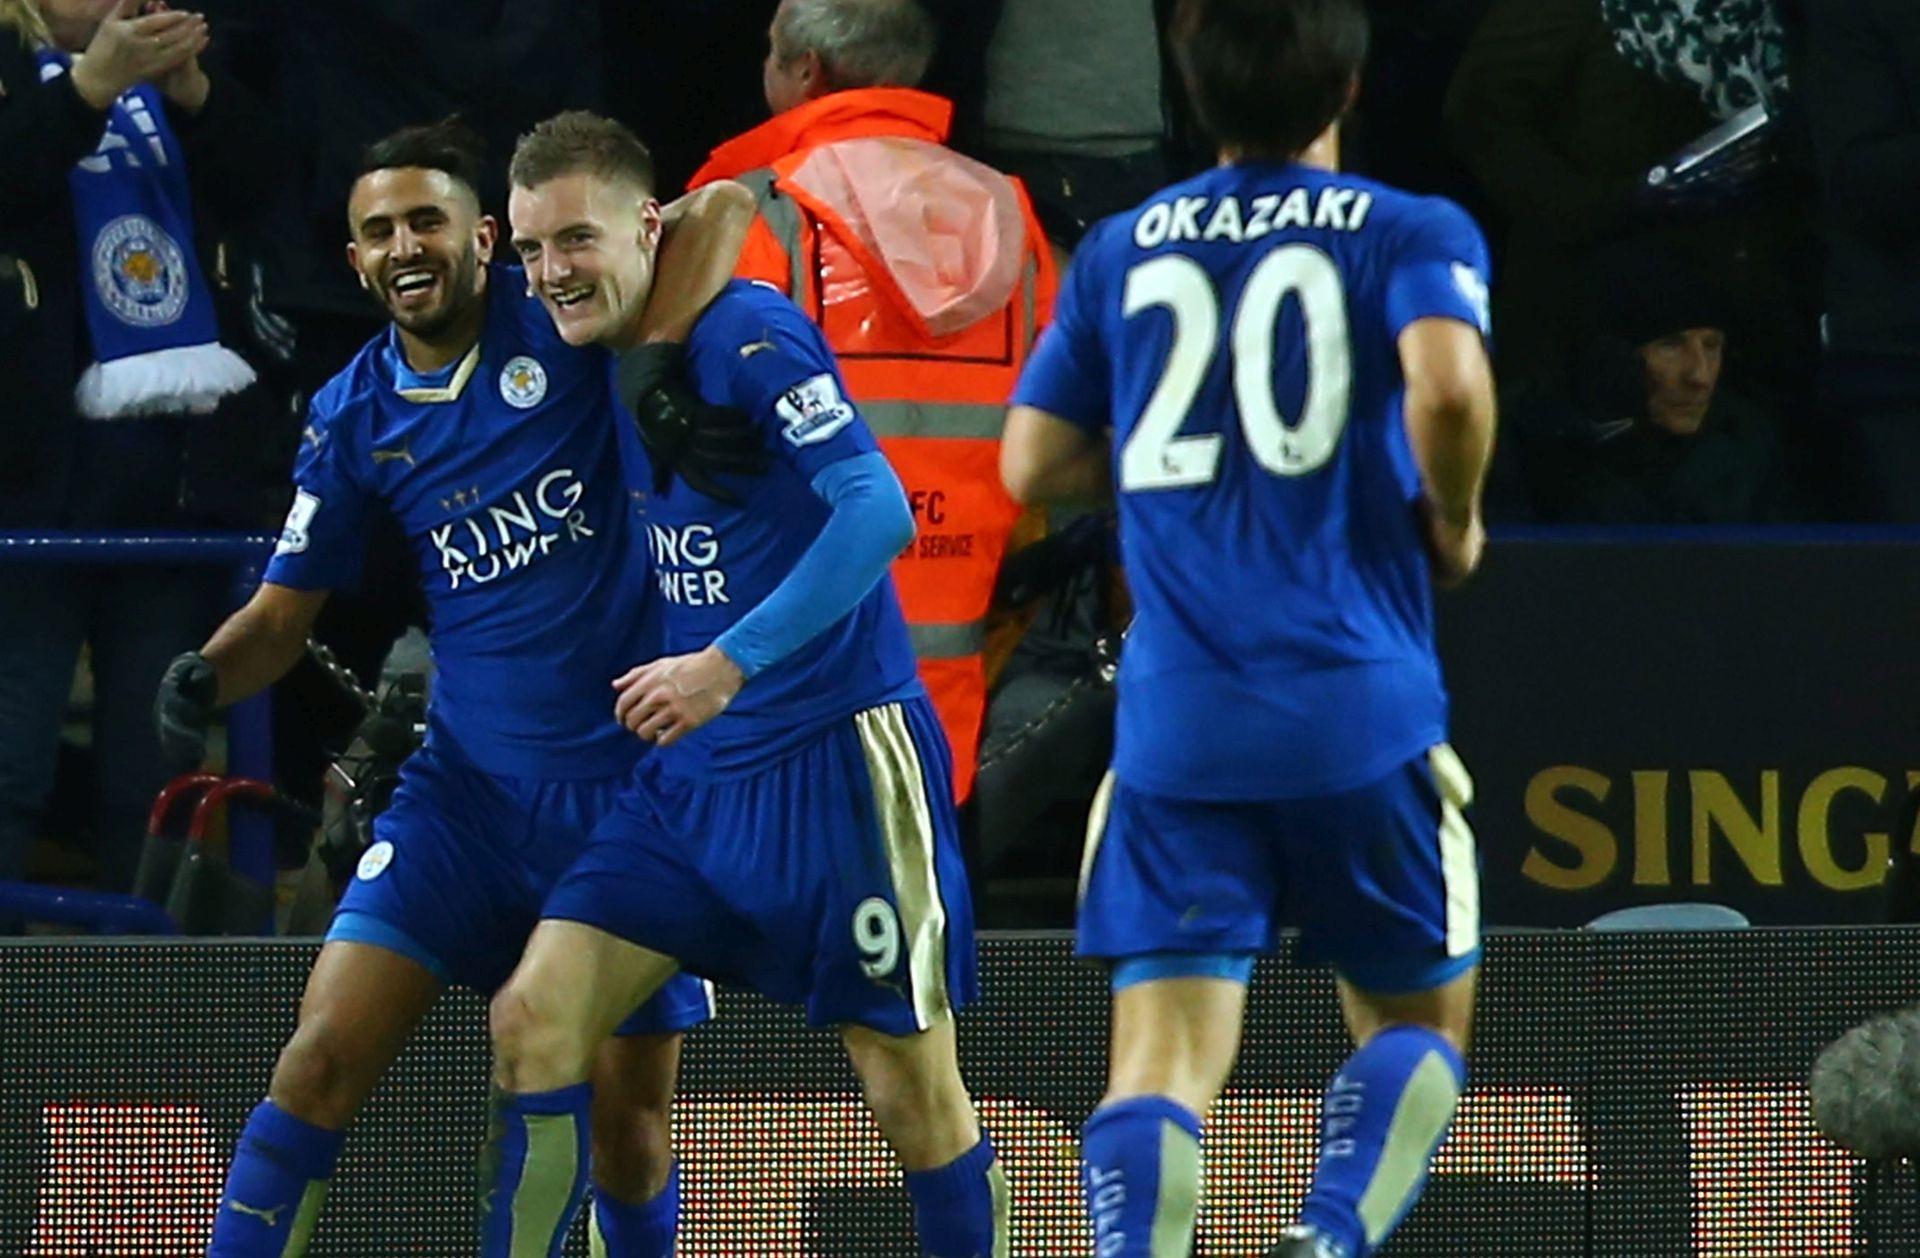 IZABRANA NAJBOLJA MOMČAD PREMIERLIGE Leicesteru i Tottenhamu po četiri mjesta, 'upao' i Payet